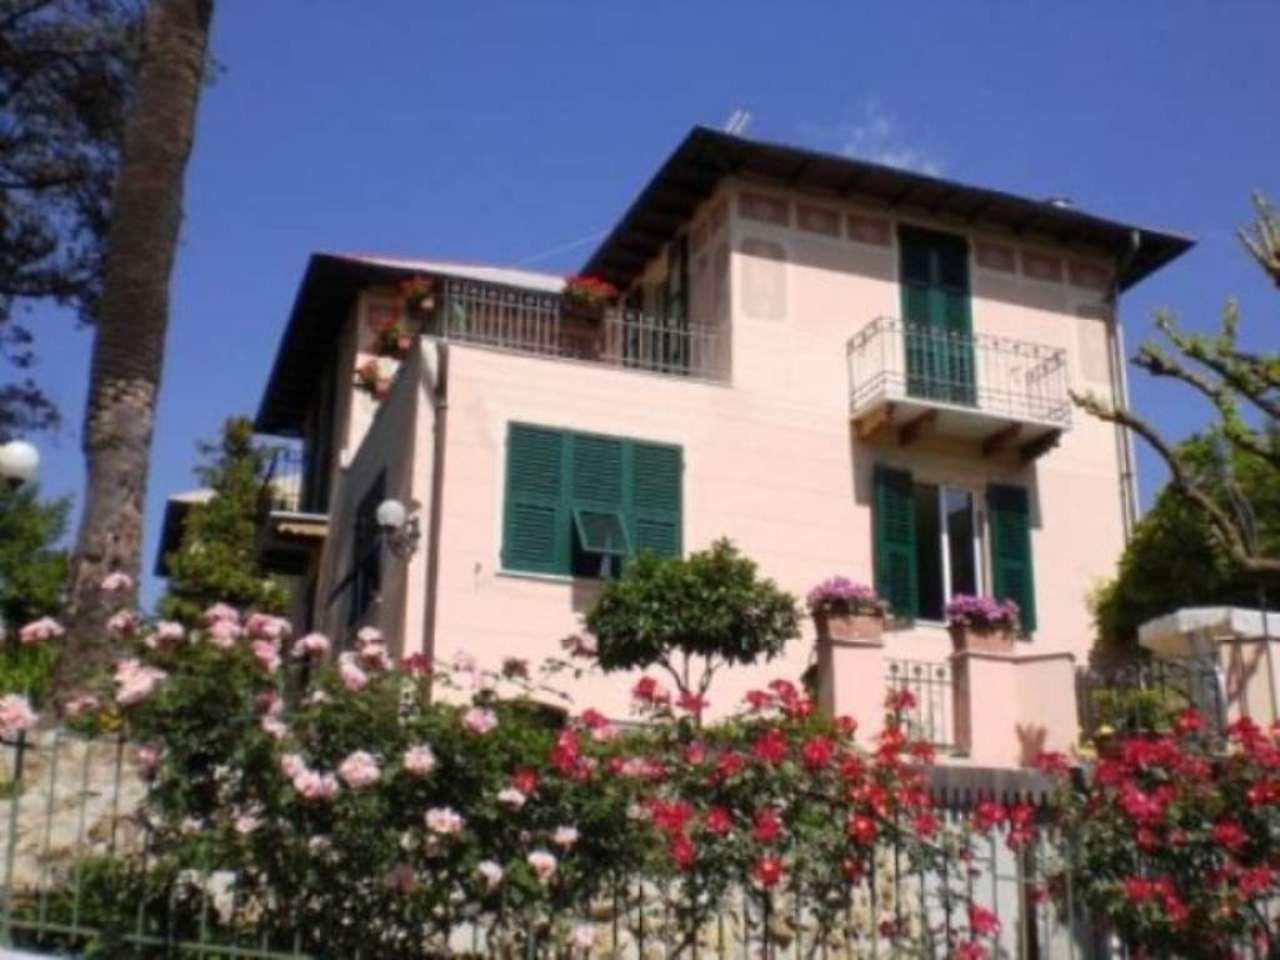 Villa in vendita a Genova, 6 locali, zona Zona: 19 . Quarto, prezzo € 2.200.000   CambioCasa.it